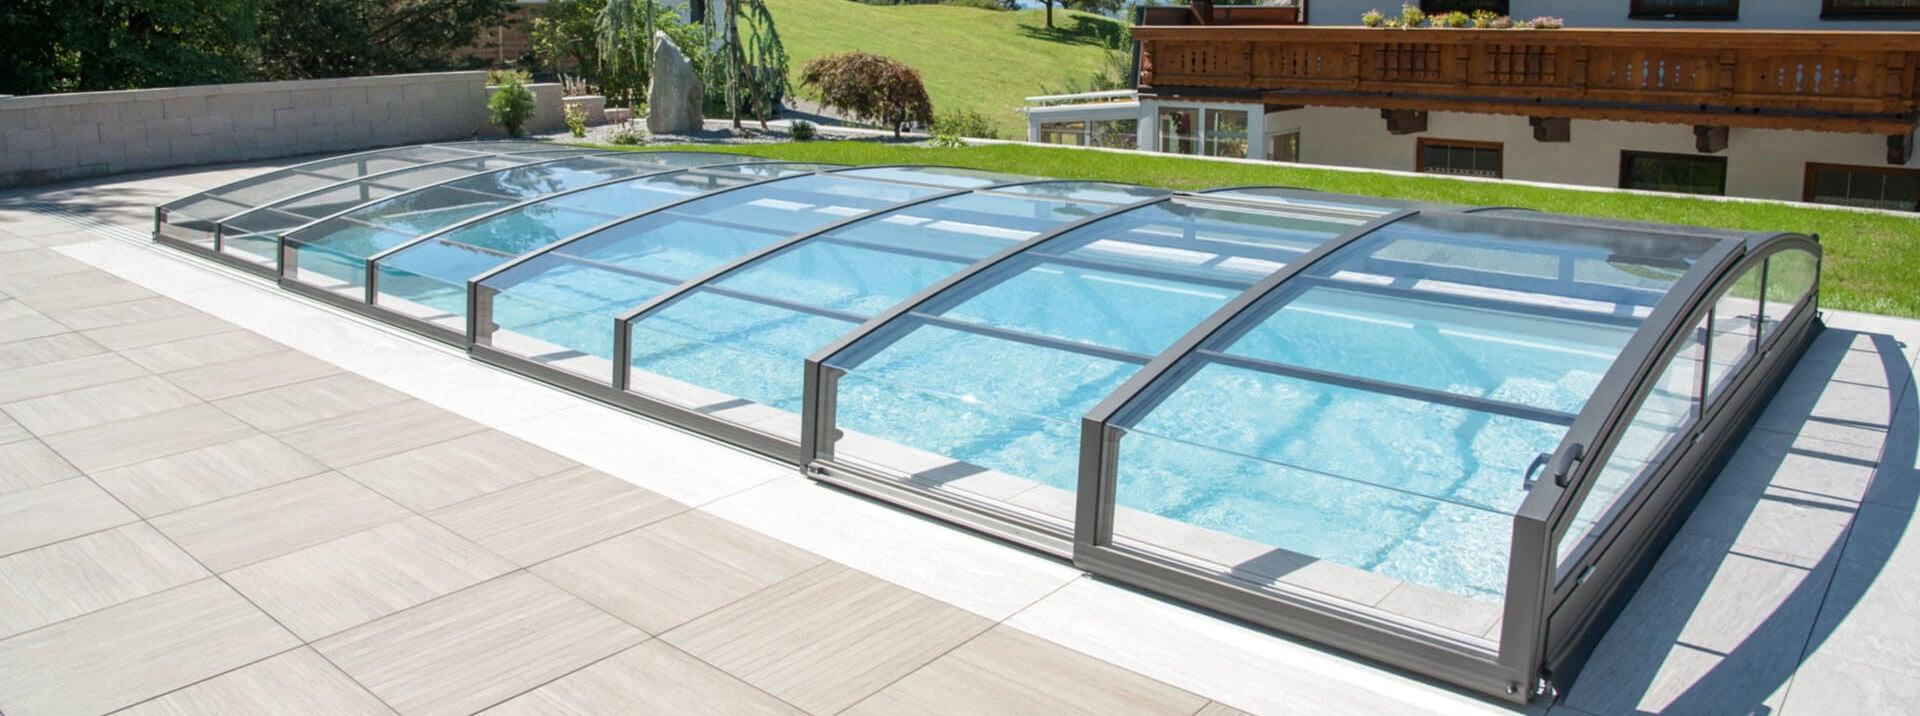 Full Size of Gebrauchte Gfk Pools Kaufen Fenster Küche Verkaufen Regale Betten Einbauküche Wohnzimmer Gebrauchte Gfk Pools